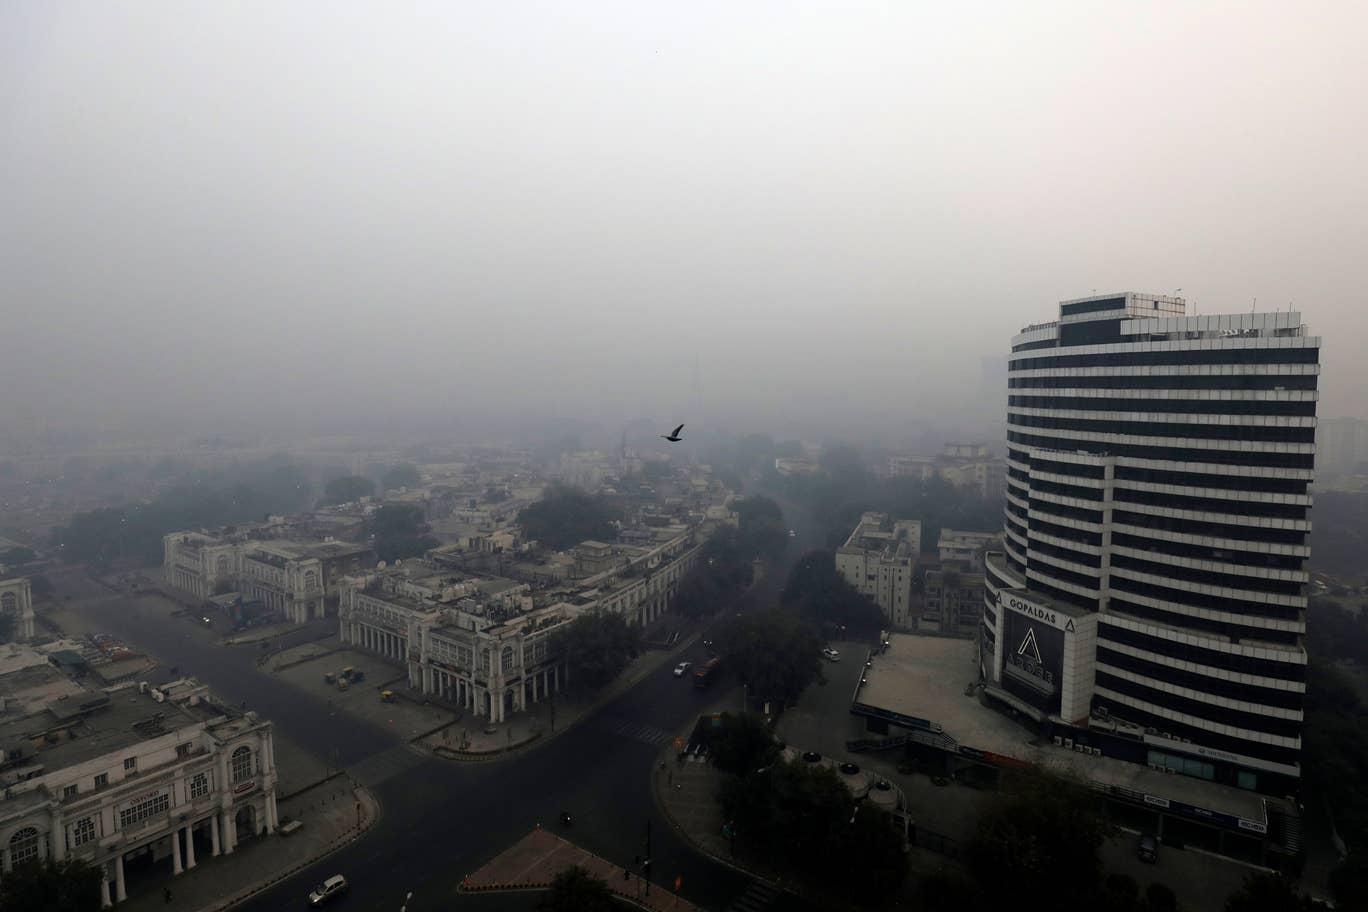 وضعیت بحرانی هوا در هند (+عکس)